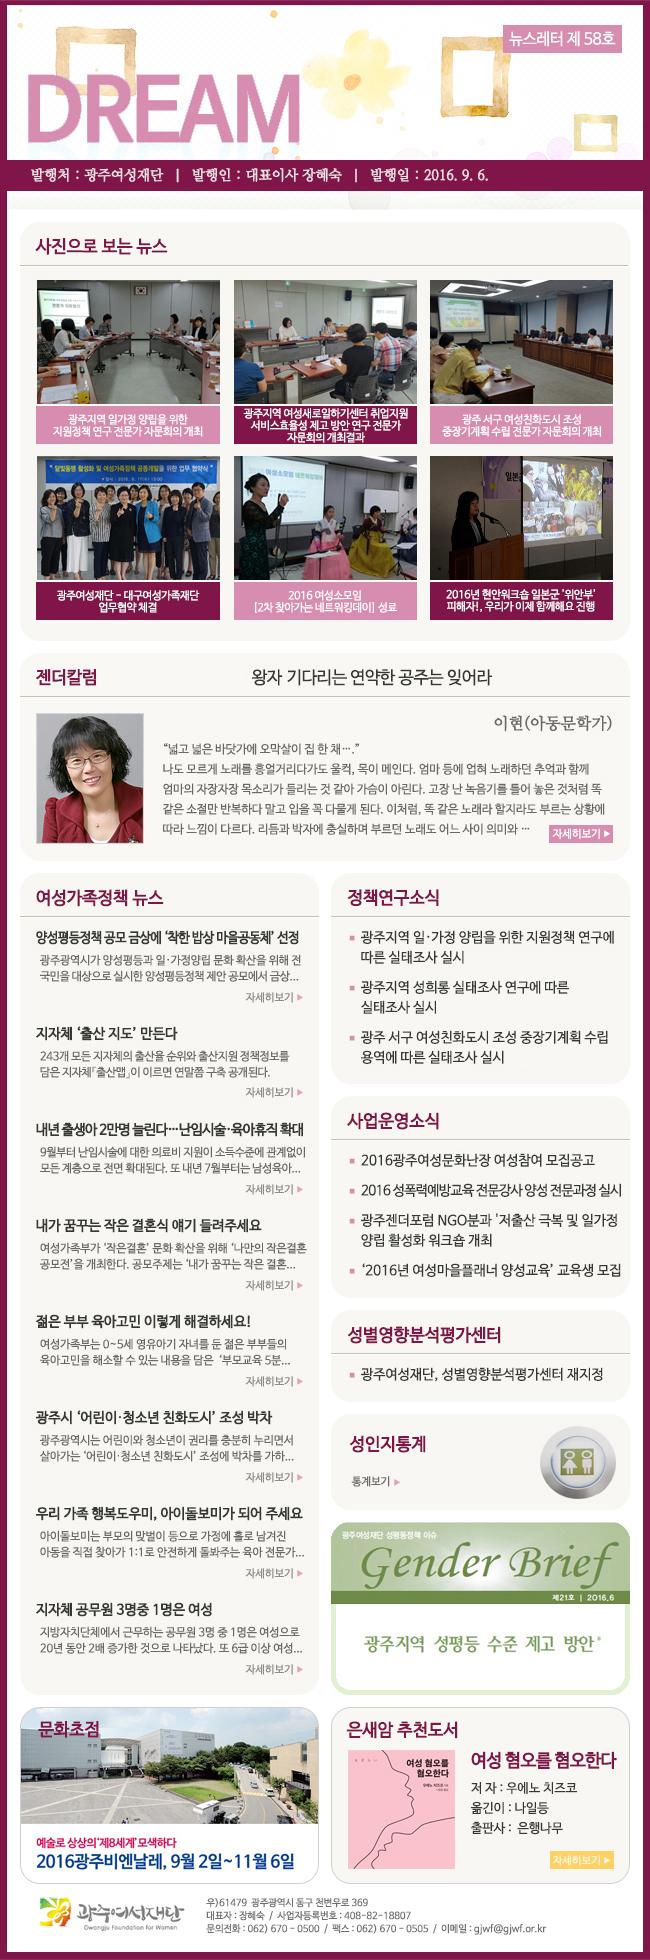 뉴스레터 드림 58호(16.9월) 썸네일